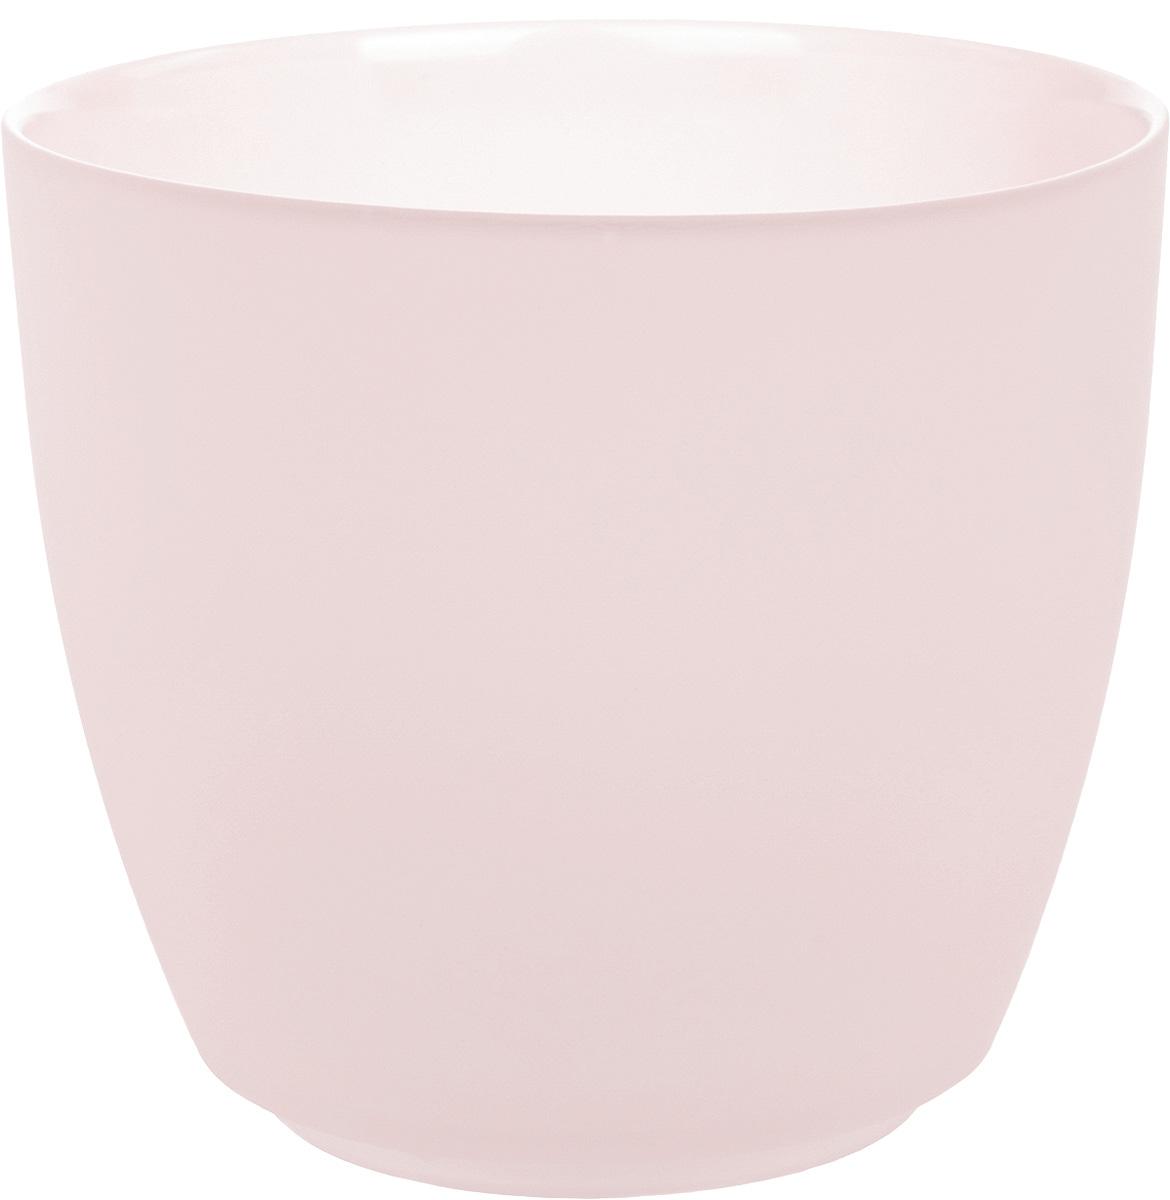 Кашпо Nina Glass НТ-2, цвет: розовый, 1 лNG93-225RПродукция завода под брендом NinaGlass известна российскому потребителю необычностью форм и оригинальным декорированием. Главным достоинством стеклянных горшков является отсутствие пористости на их внутренней поверхности, что делает безопасной смену растительного состава. Предприятие производит два вида изделий для флористов:- стеклянные цветочные горшки с отверстием в дне для посадки в них цветов и растений и подставкой под горшок в виде блюдца;- кашпо без отверстия для укладки в них пластиковых контейнеров с цветами и растениями.Горшки и кашпо изготавливаются из опалового триплексного (тройного) стекла с различными видами декорирования водо- и износостойкими красками. Возможна окраска изделий изнутри. Матовая поверхность и окраска изнутри создают объемный эффект, а сами цвета очень мягкие и приятные. Также интересны и формы изделий, выполненные методом центробежного формования: - горшки НТ - современная модель горшка с поддоном, которые смотрятся как единое целое и обладают устойчивым широким дном;- кашпо НТ - глубокие, с небольшим радиусом выпуклости, хорошим широким дном. Кашпо-подсвечники в форме куба можно считать дополнительной опцией: вы можете оформить интерьер не только оригинальными горшками и кашпо, но также весьма привлекательными подсвечниками.Доступны 5 размеров горшков и кашпо и 3 размера кашпо-кубов. Продукция TM NinaGlass безопасна, функциональна, прочна и уникальна. Горшки и кашпо способны создать неповторимое настроение и стать центром интерьера в любом помещении.